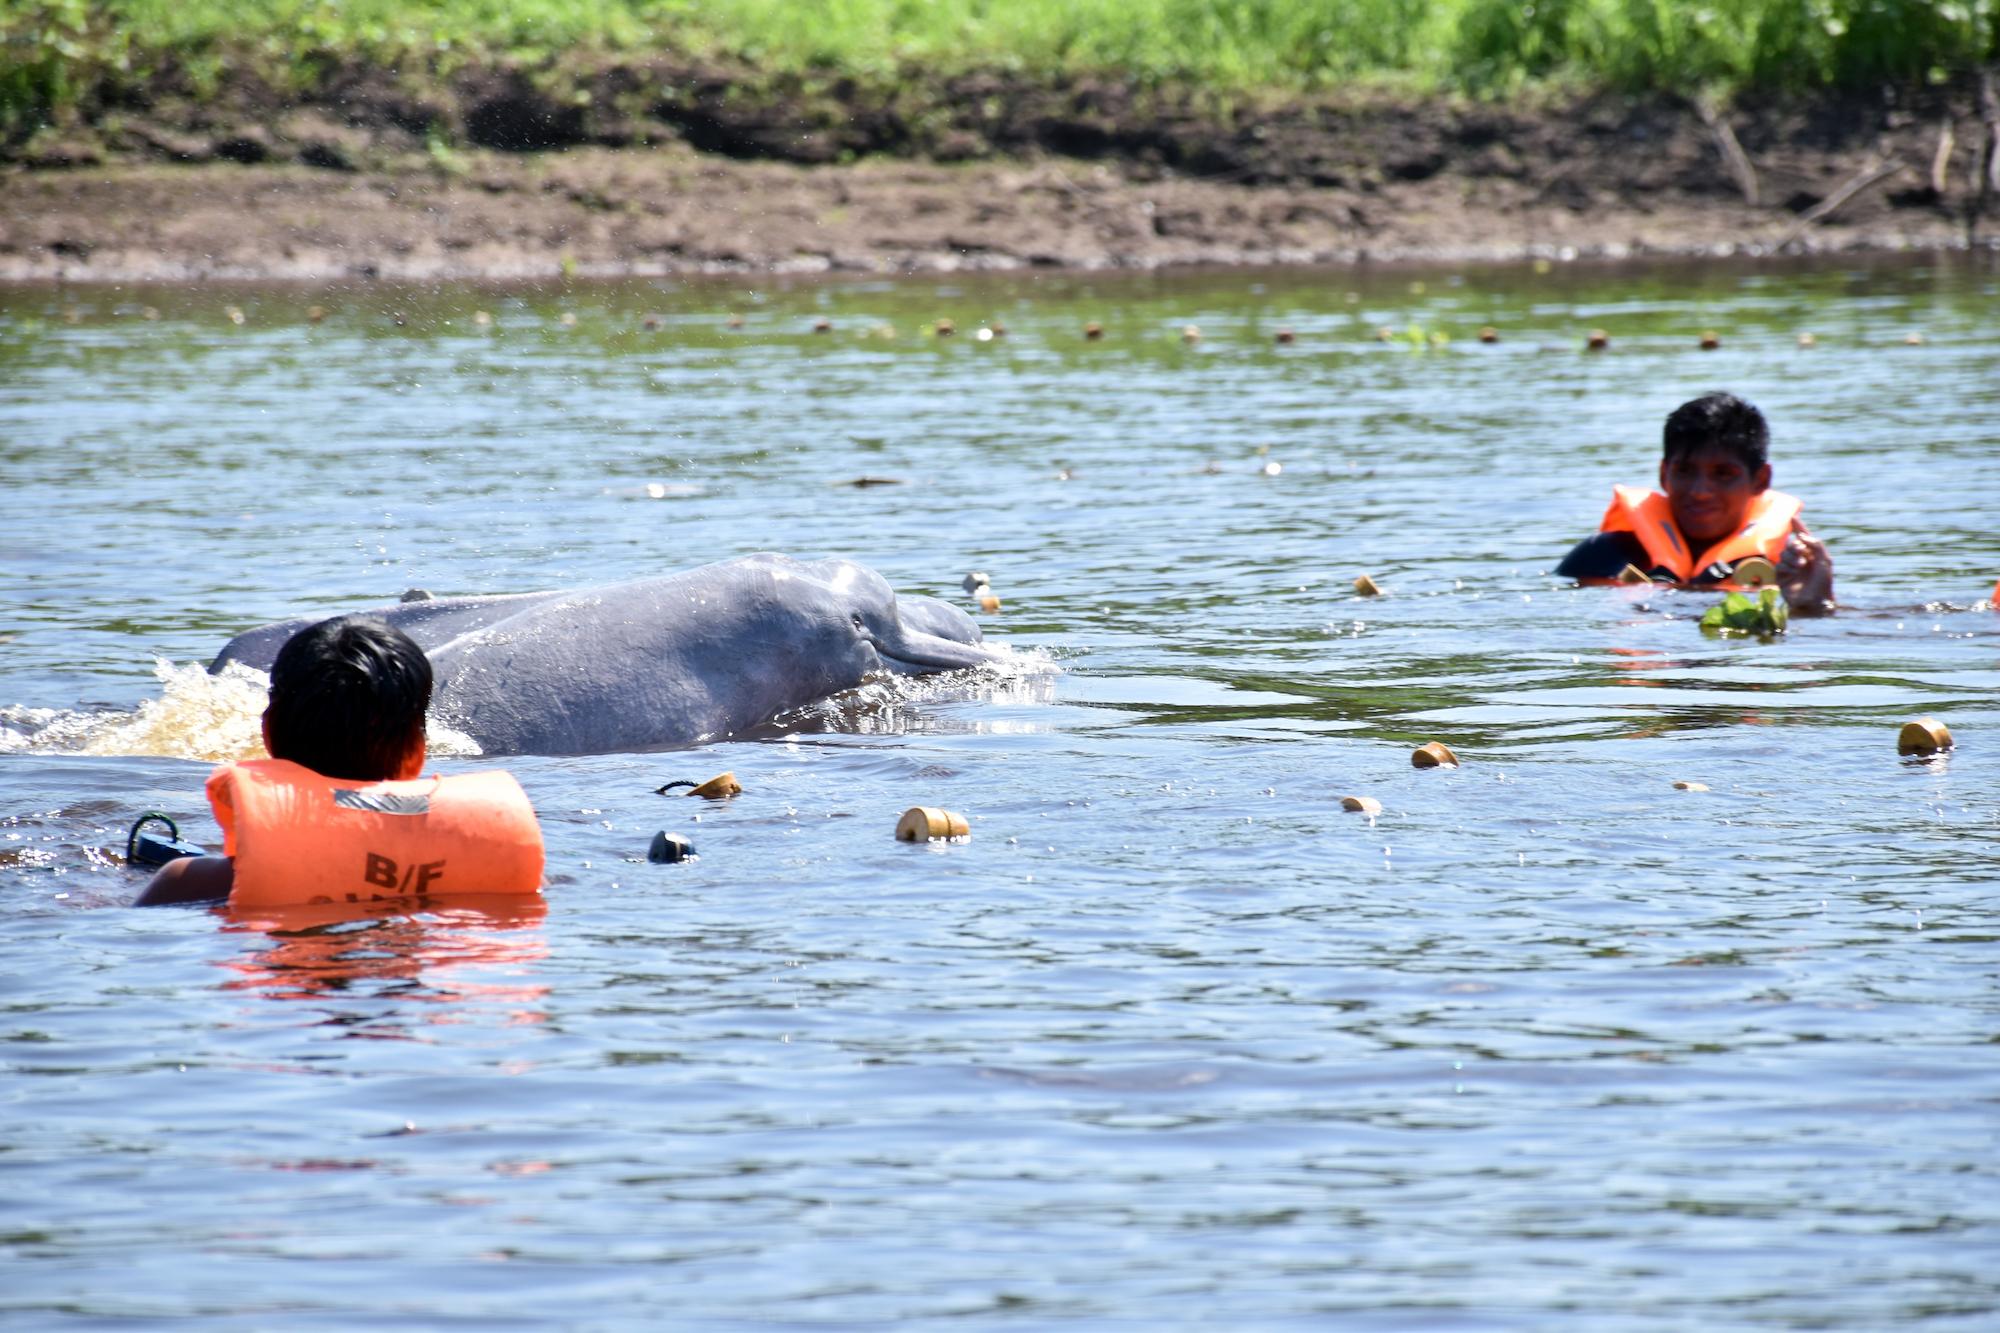 Conocemos el problema, ahora corresponde hacer algo al respecto, dicen los expertos. Foto: Jeffrey Dávila / WWF Perú.